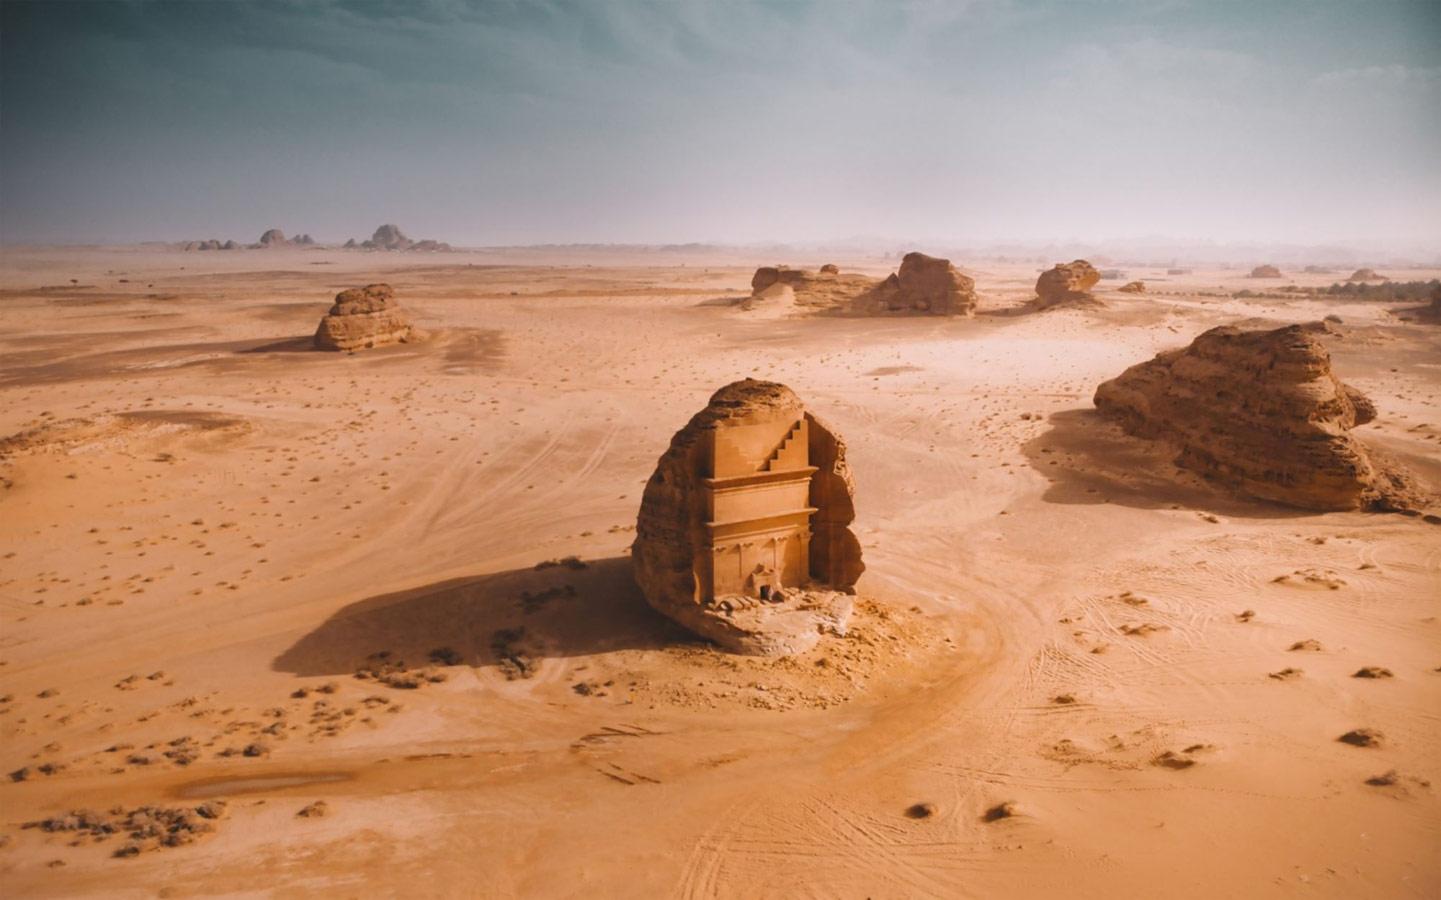 Мадаин Салех, © Габриэль Сканю, Победитель категории, Конкурс фотографий с дрона DrAw